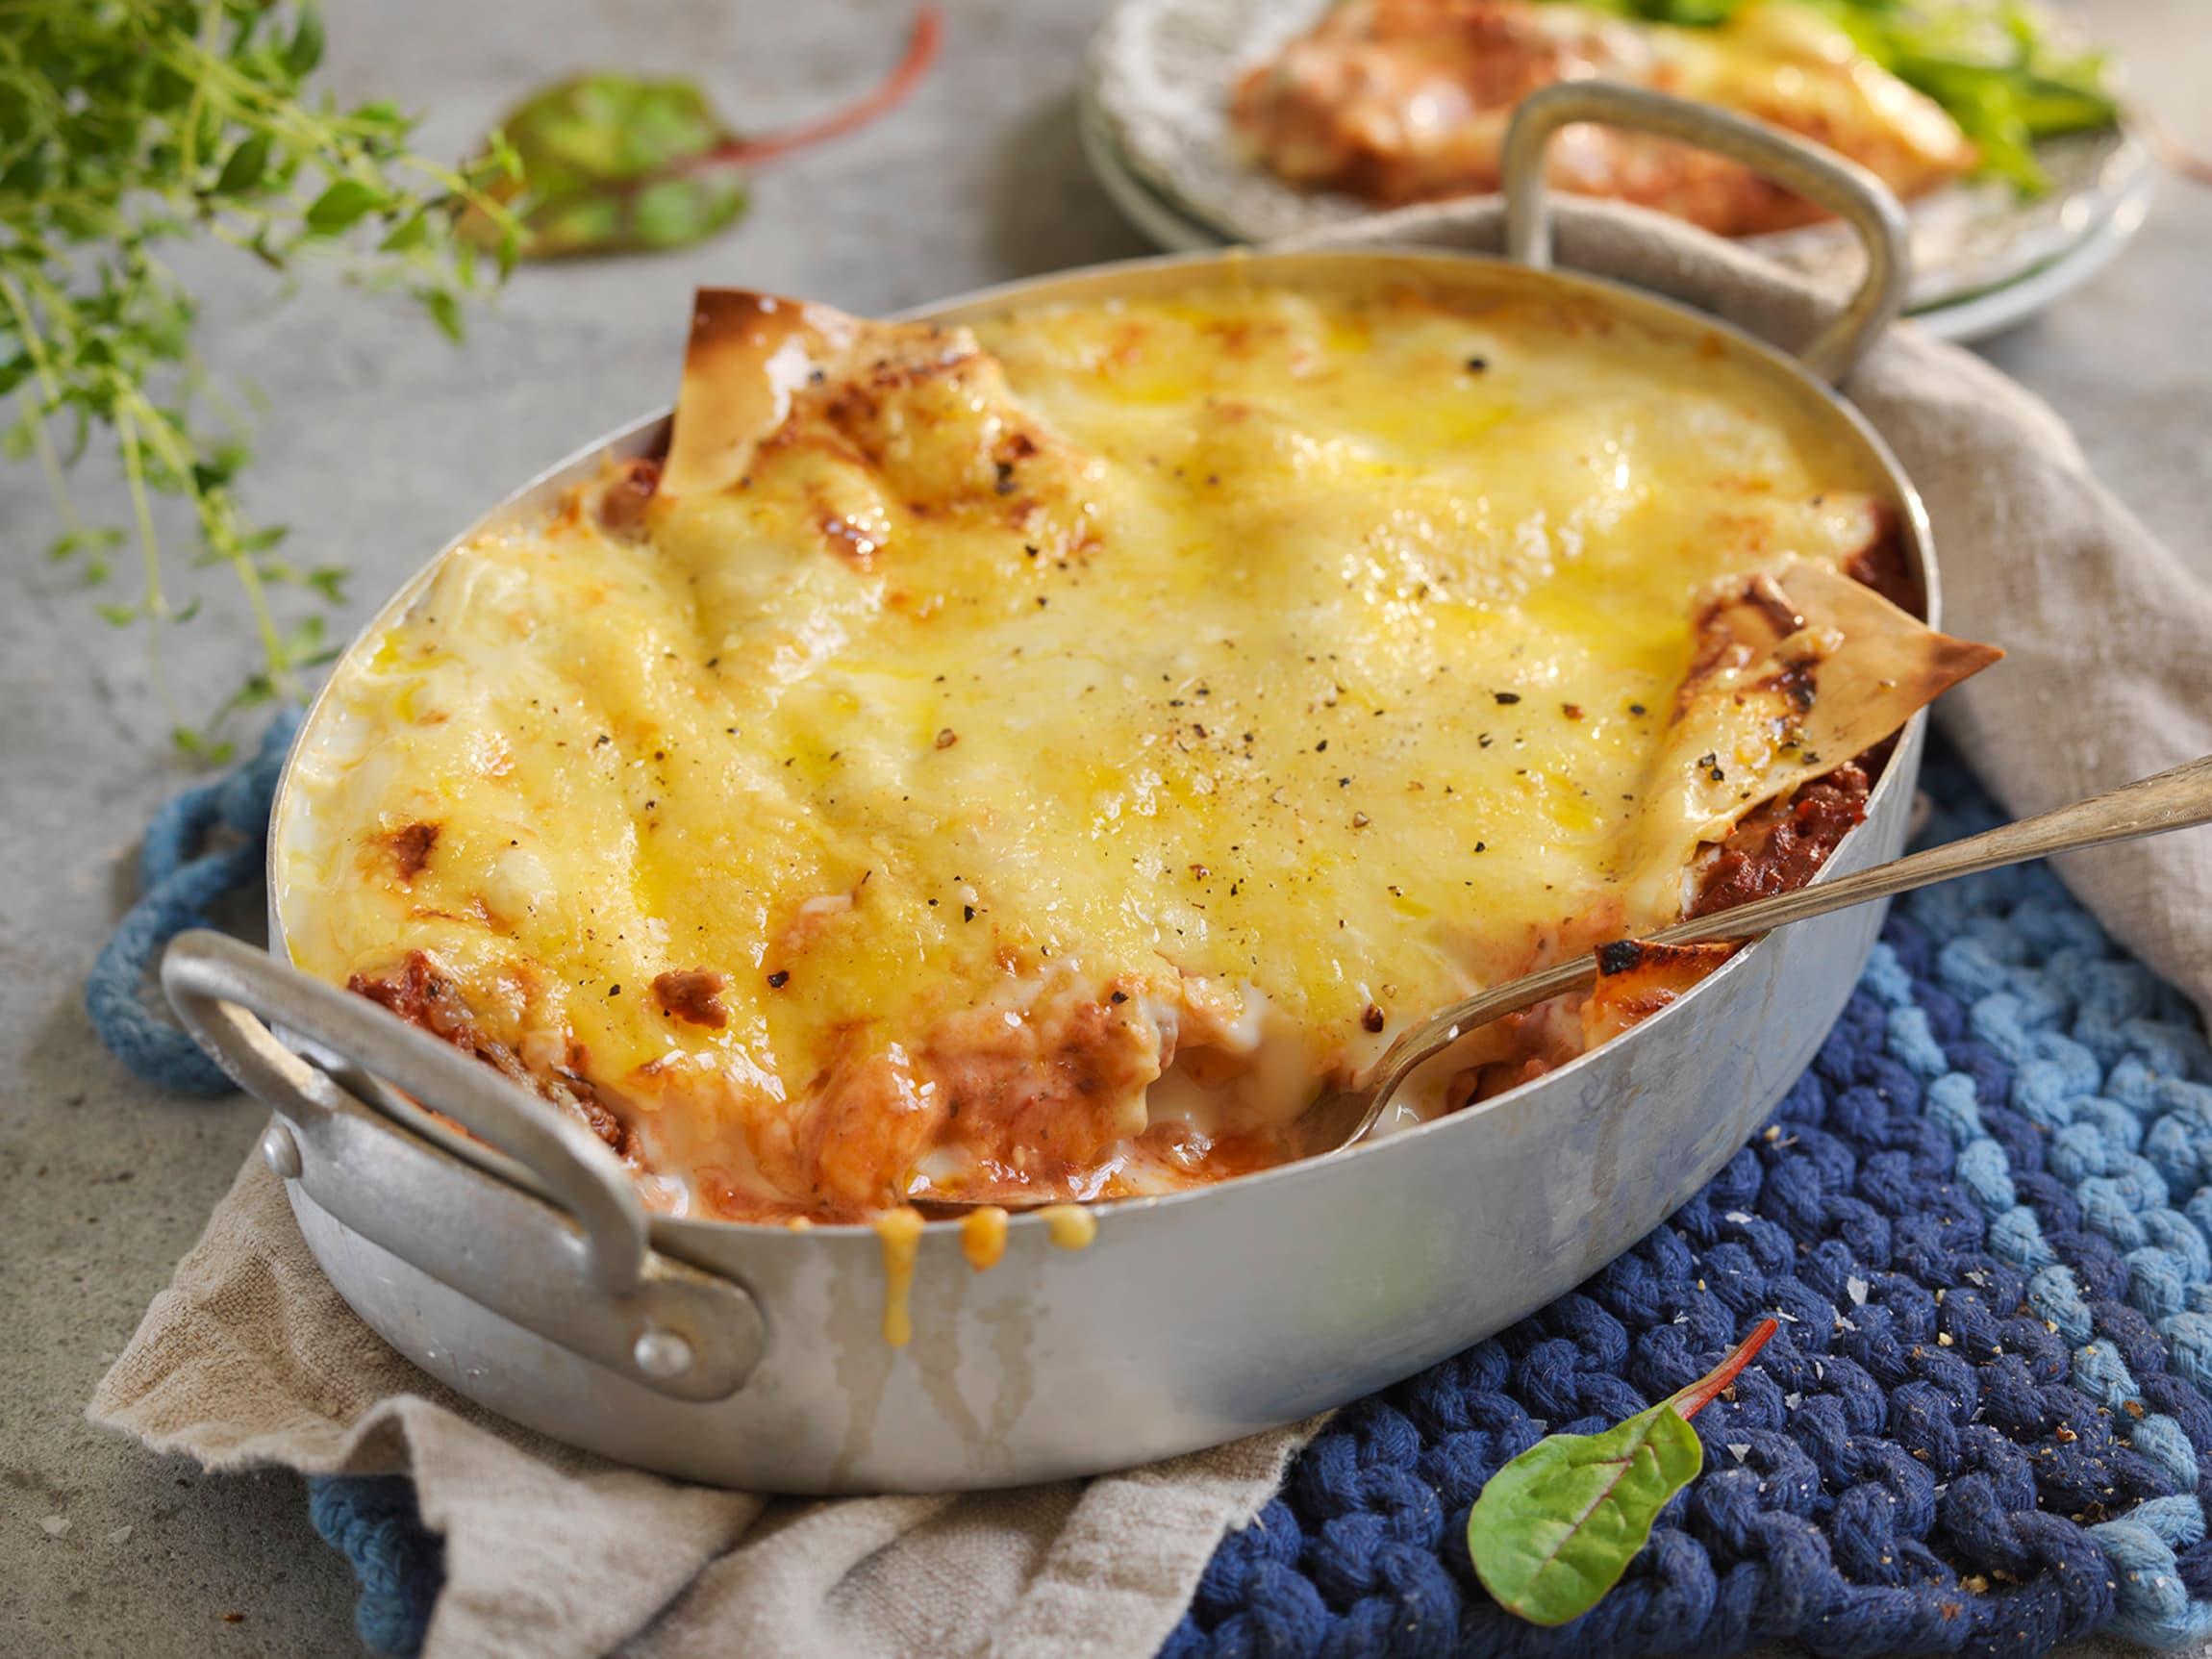 Hjemmelaget lasagne er en sikker vinner på middagsbordet både til hverdag og når du får gjester.